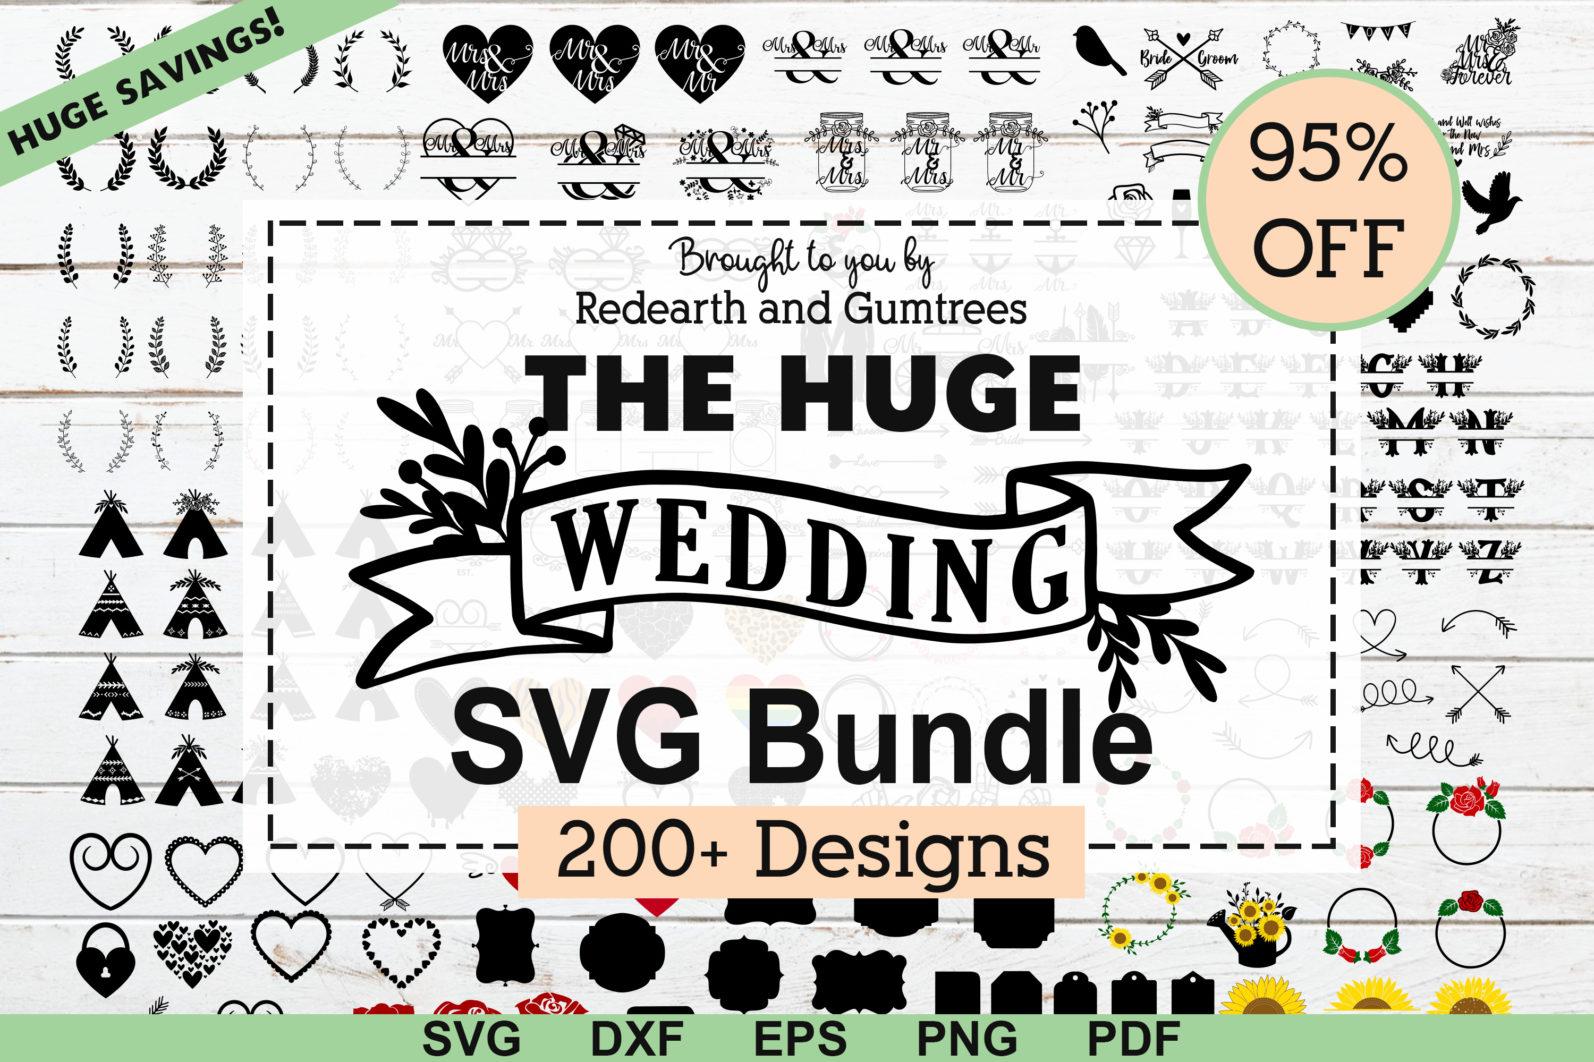 The Mega SVG Bundle Design. More than 650 Designs included in SVG,PNG,DXF,PDF,EPS formats - huge wedding bundle svg wedding svgwedding monogram svg mr and mrs svg frame bundlearrows svgrose bundle floral leters svg scaled -